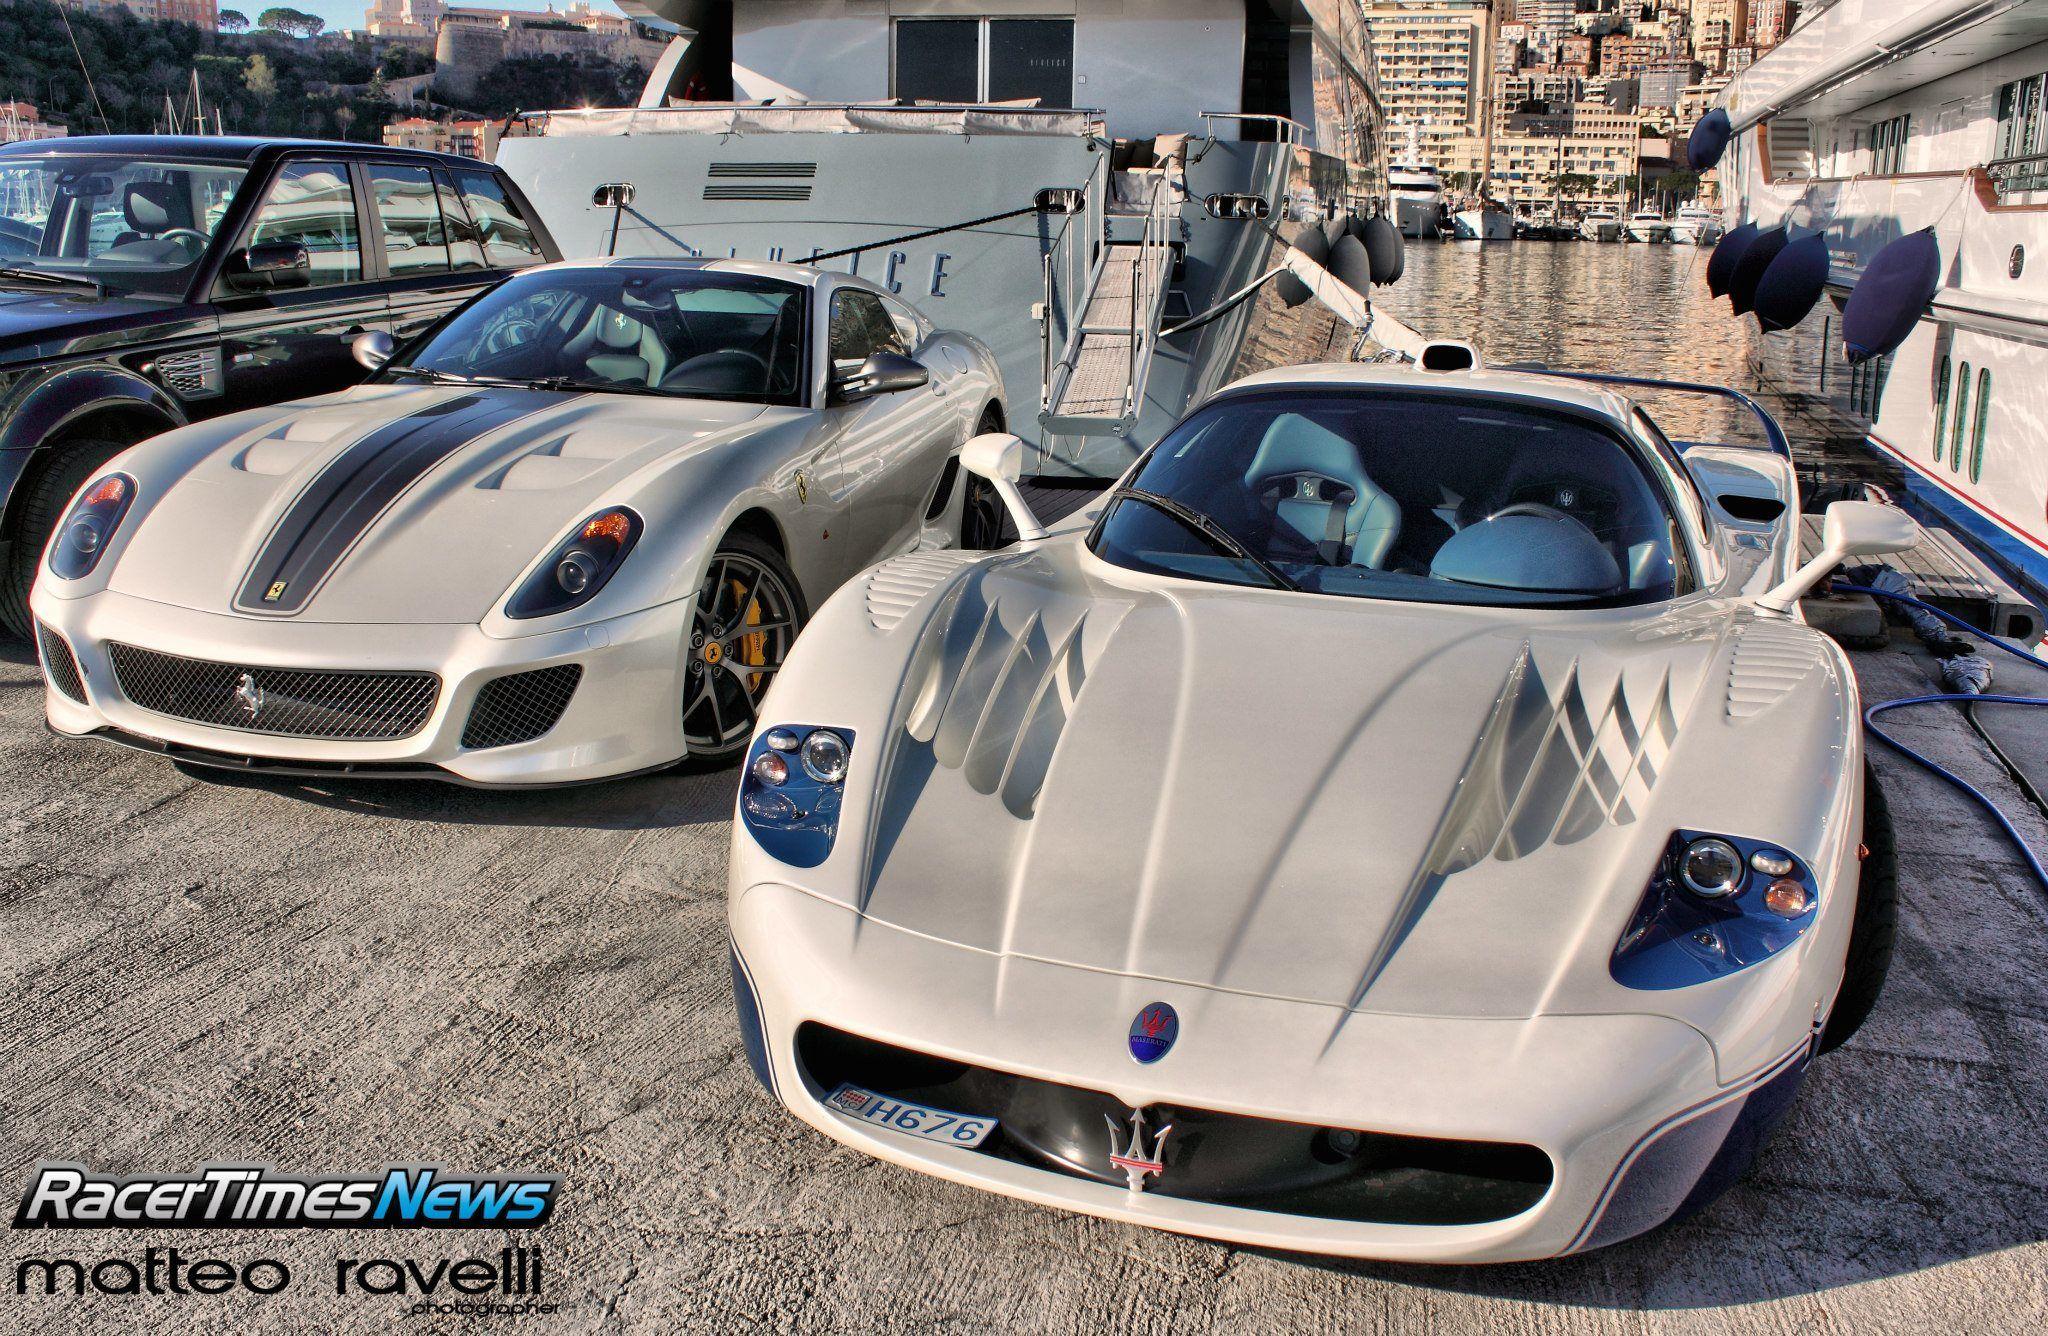 Maserati MC12 & Ferrari 599 GTO in Monte Carlo [2048x1336] - Imgur